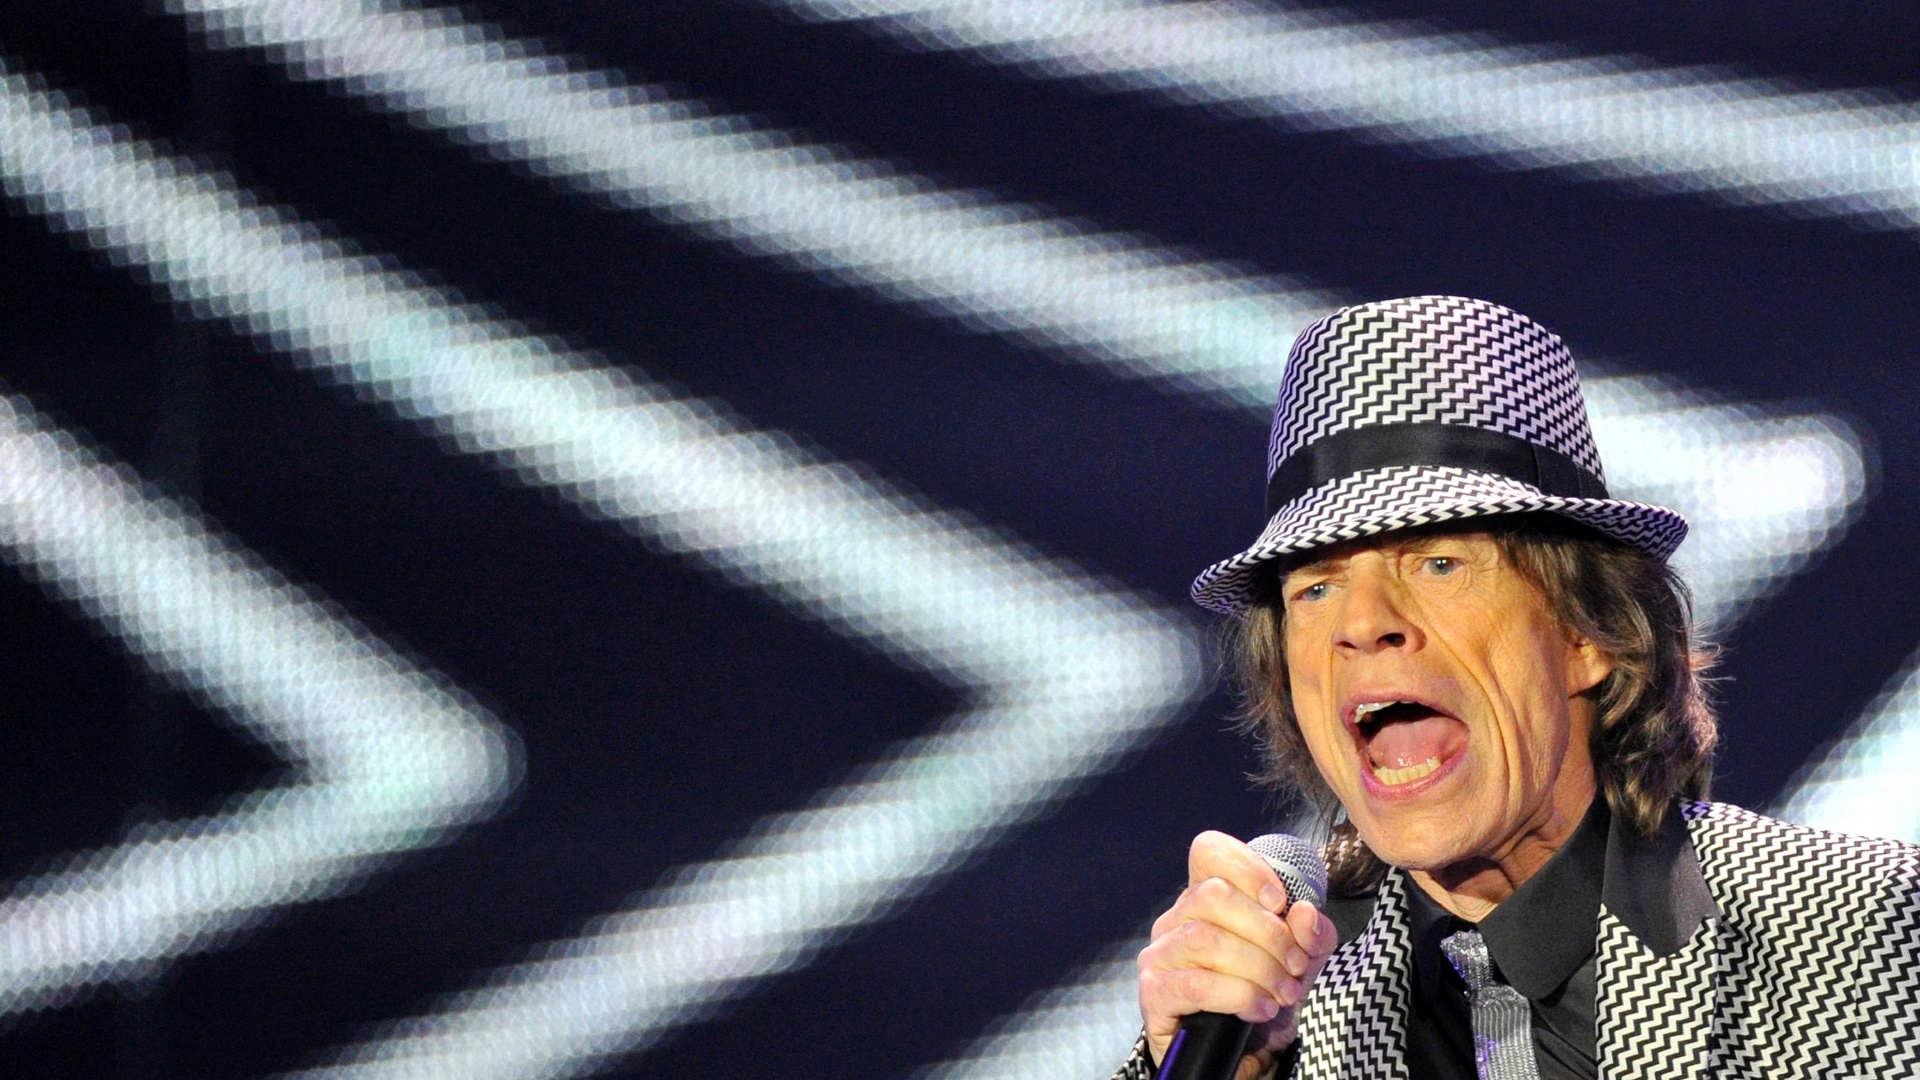 Mick Jagger se apresenta no primeiro show dos Stones depois de um hiato de 5 anos (25/11/12)